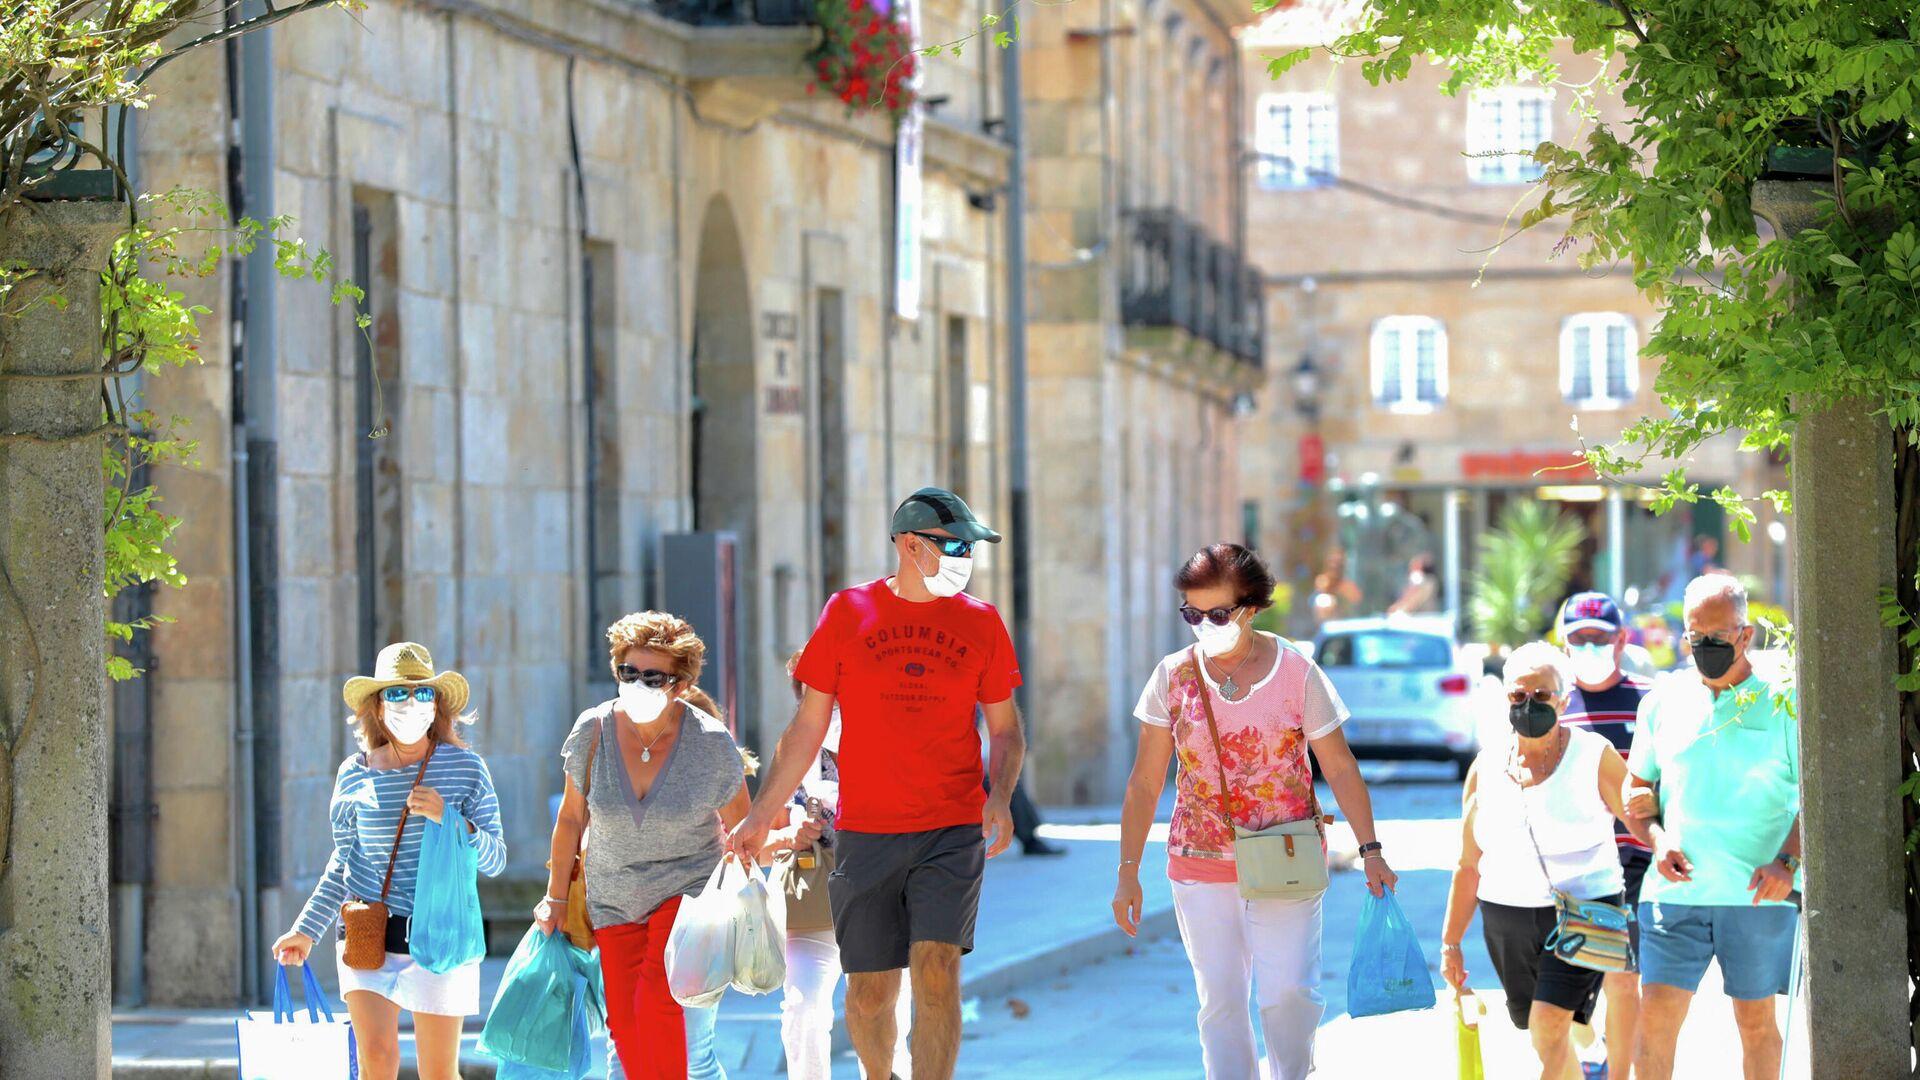 Un grupo de personas pasea por el recinto donde se suele celebrar la Festa do Albariño, a 28 de julio de 2021, en Cambados, Pontevedra, Galicia, (España) - Sputnik Mundo, 1920, 04.08.2021